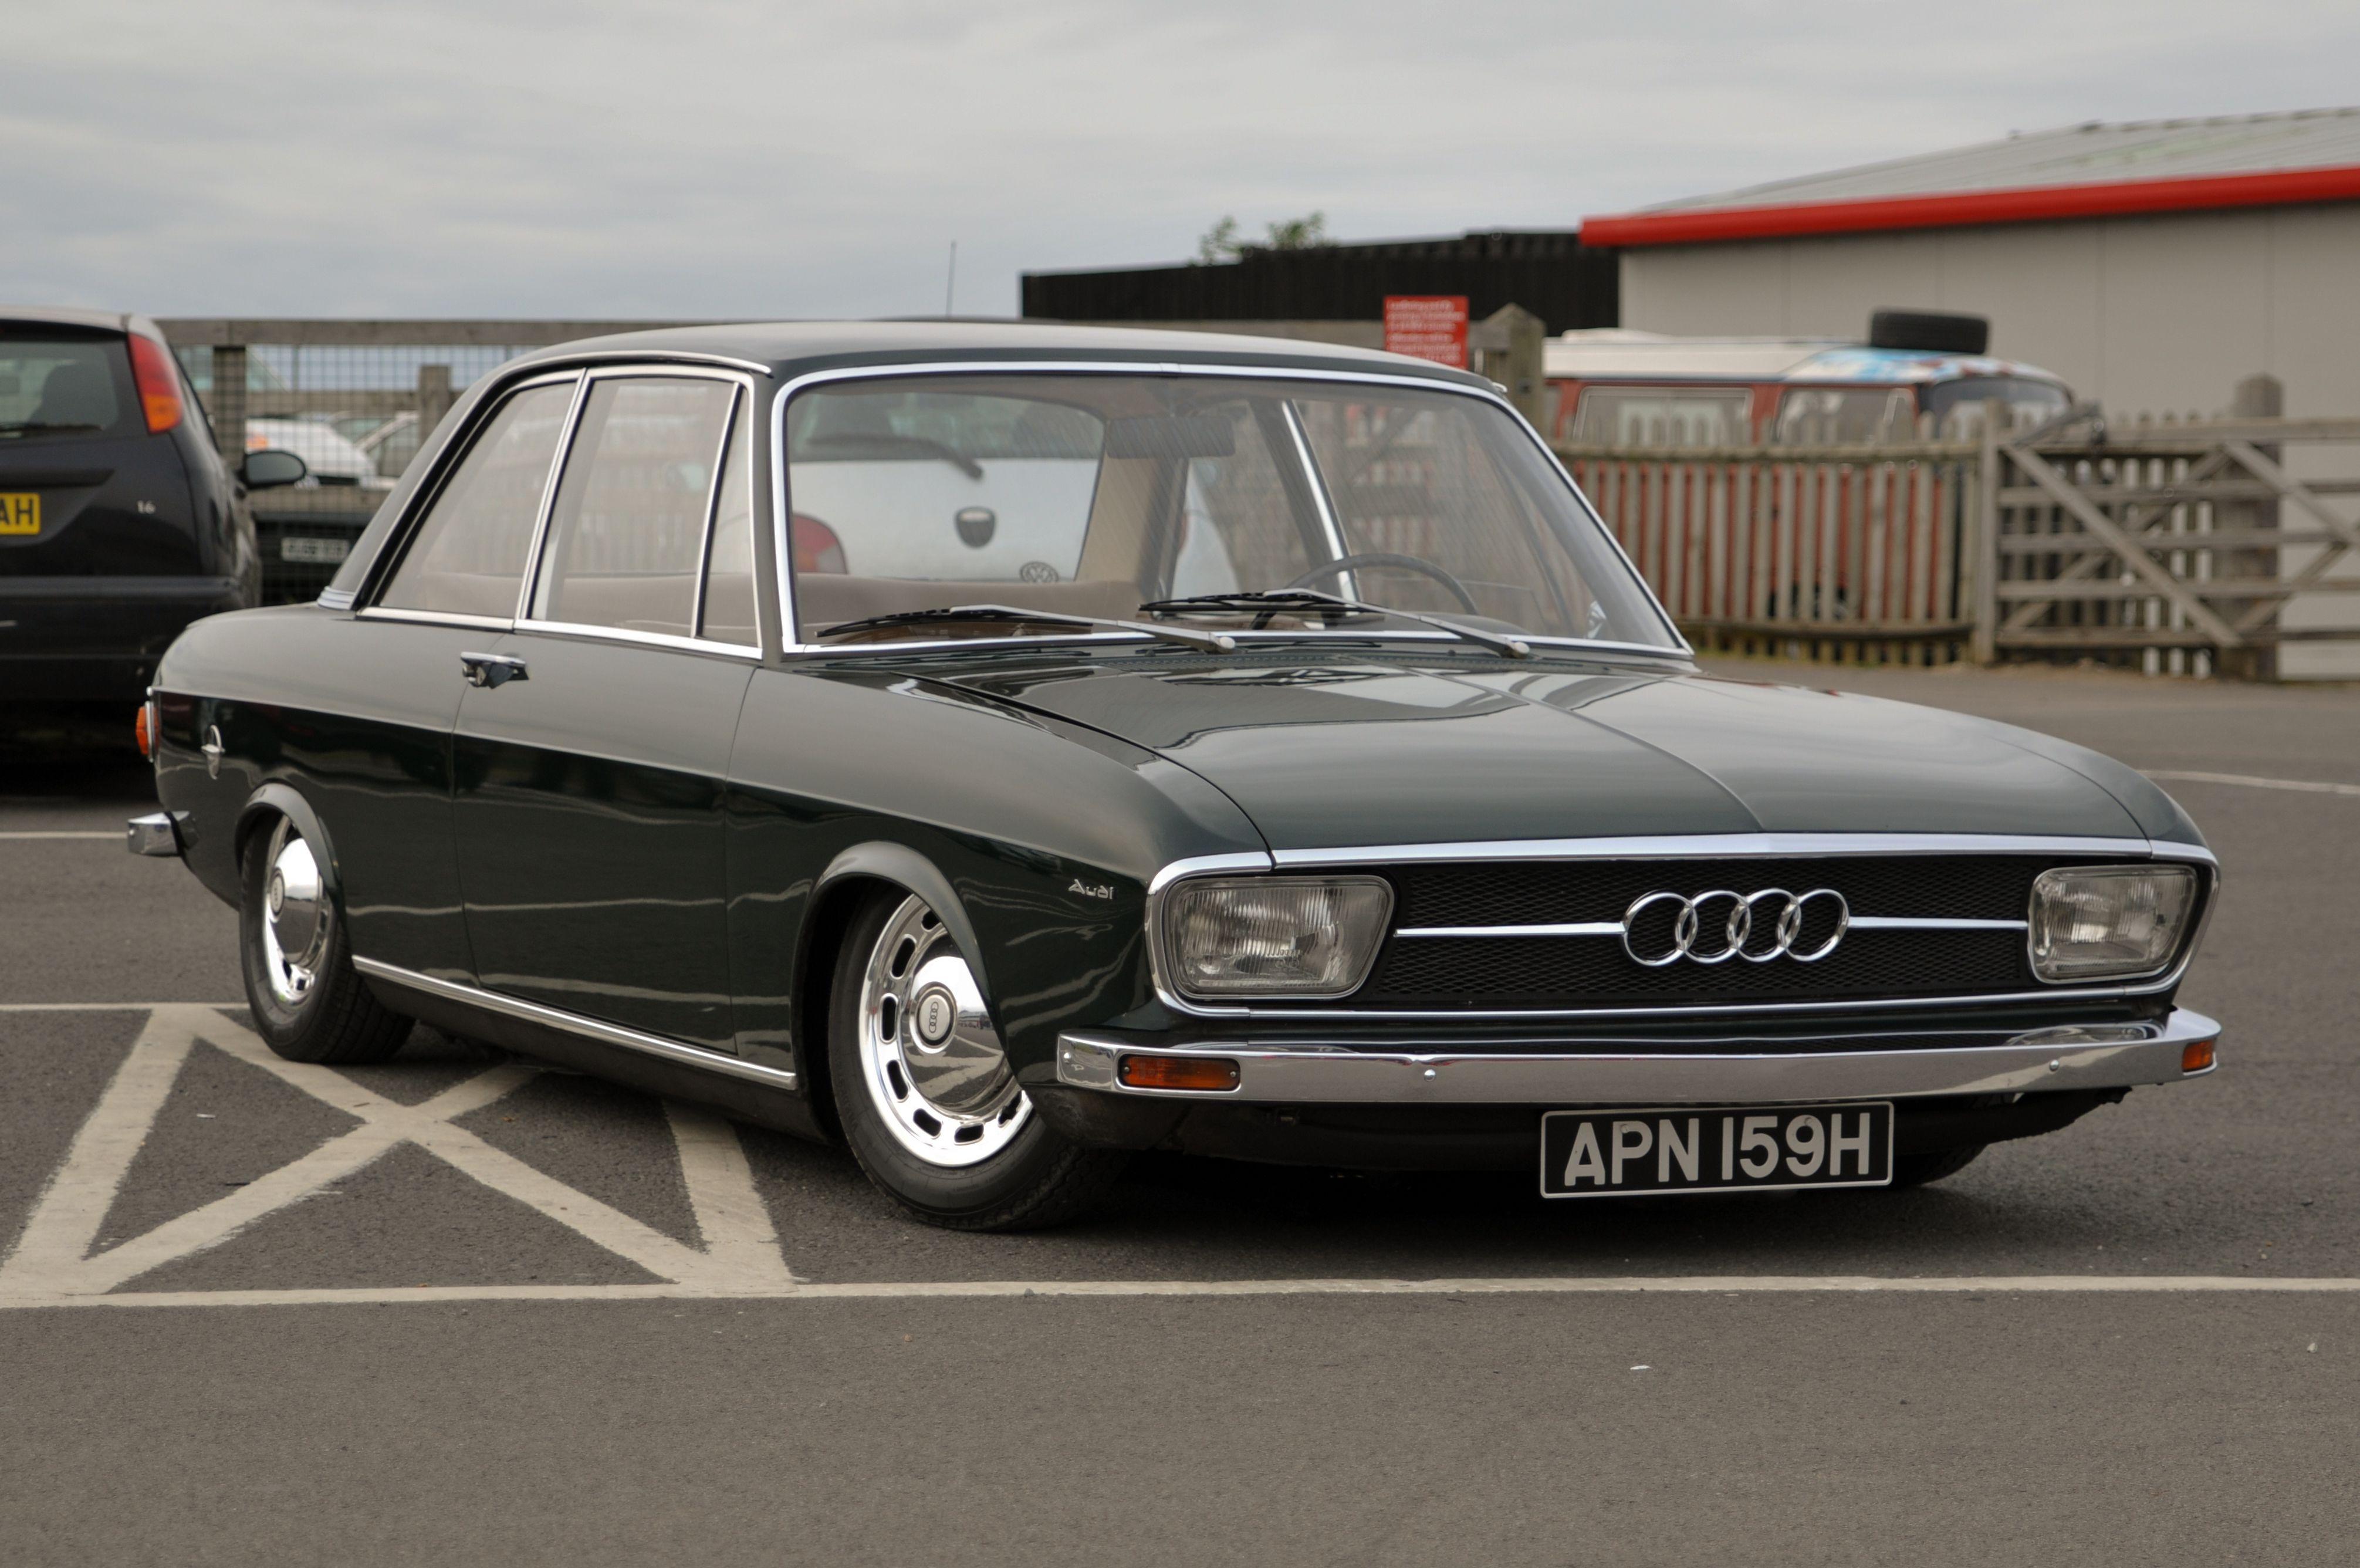 audi 100 c1 1973 schaltplan - Google zoeken   Cars   Pinterest ...